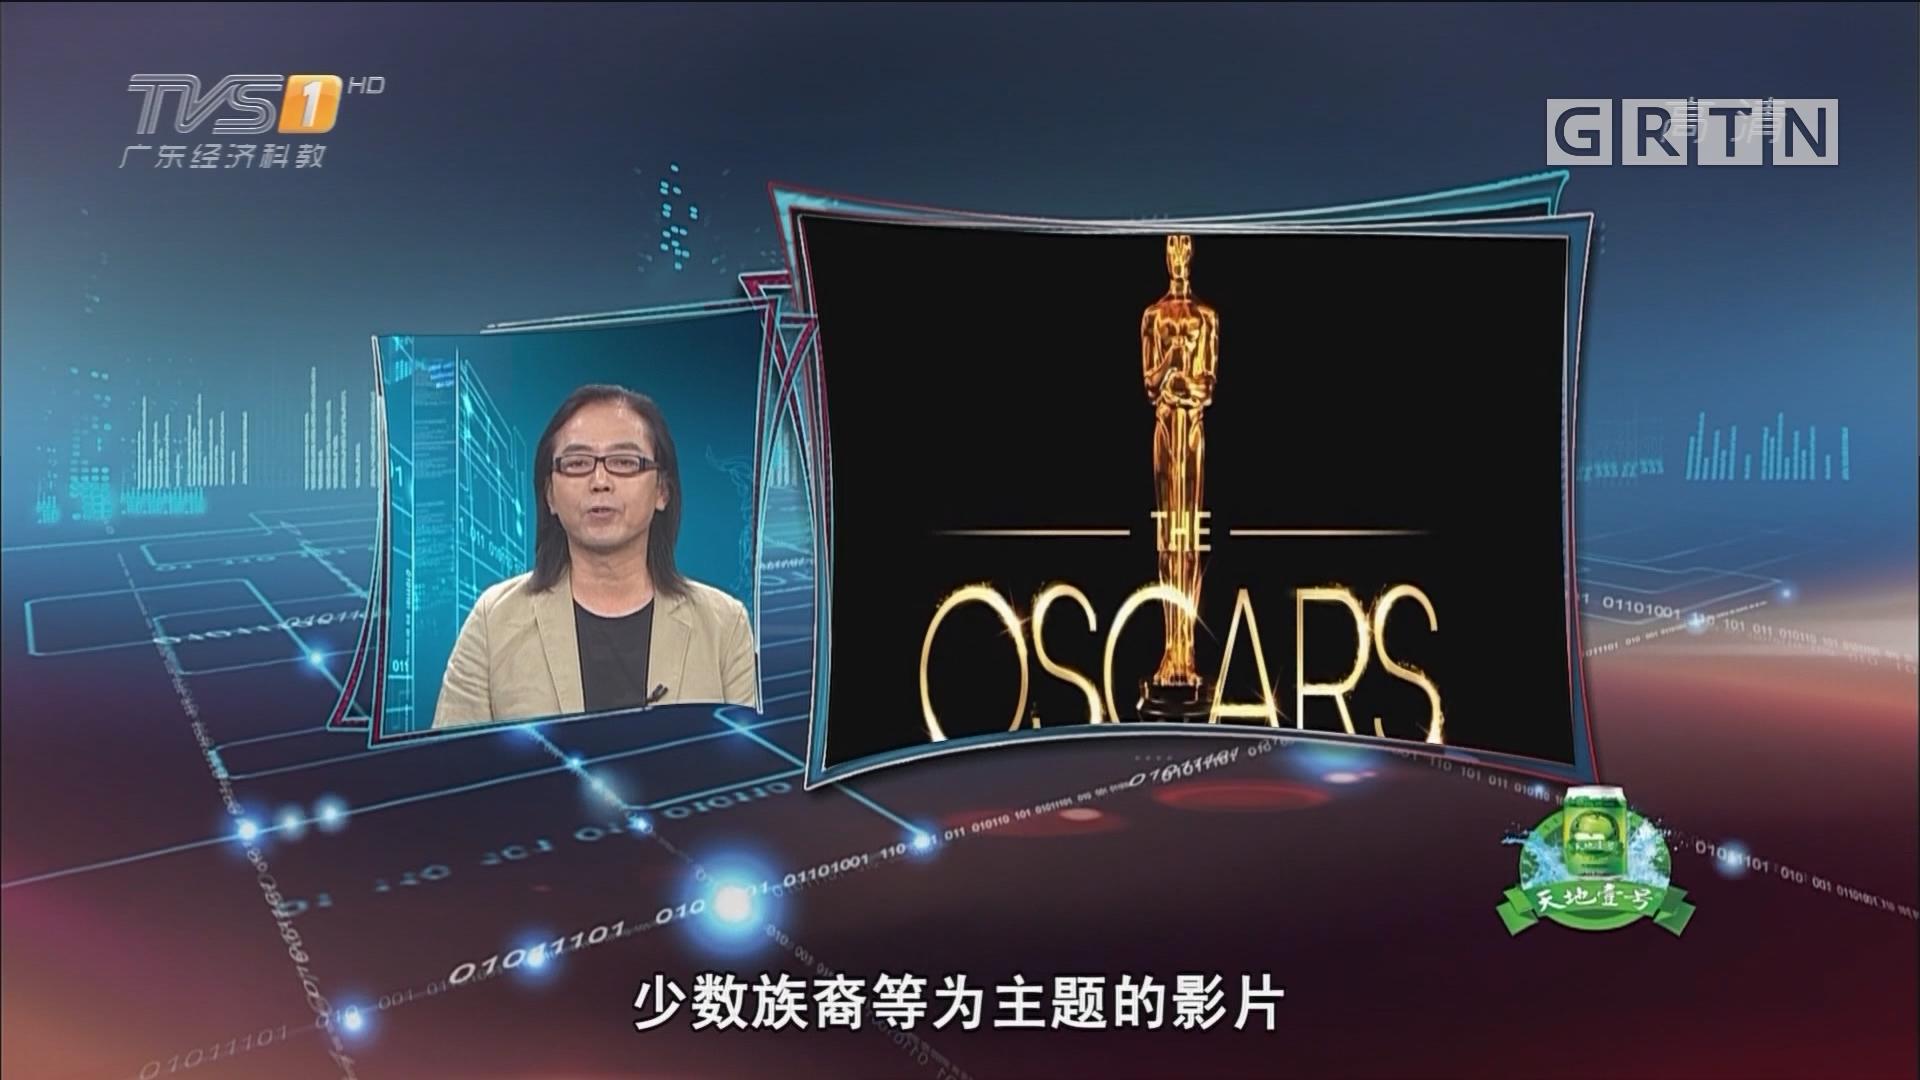 [HD][2019-03-01]马后炮:中国人不在乎奥斯卡了